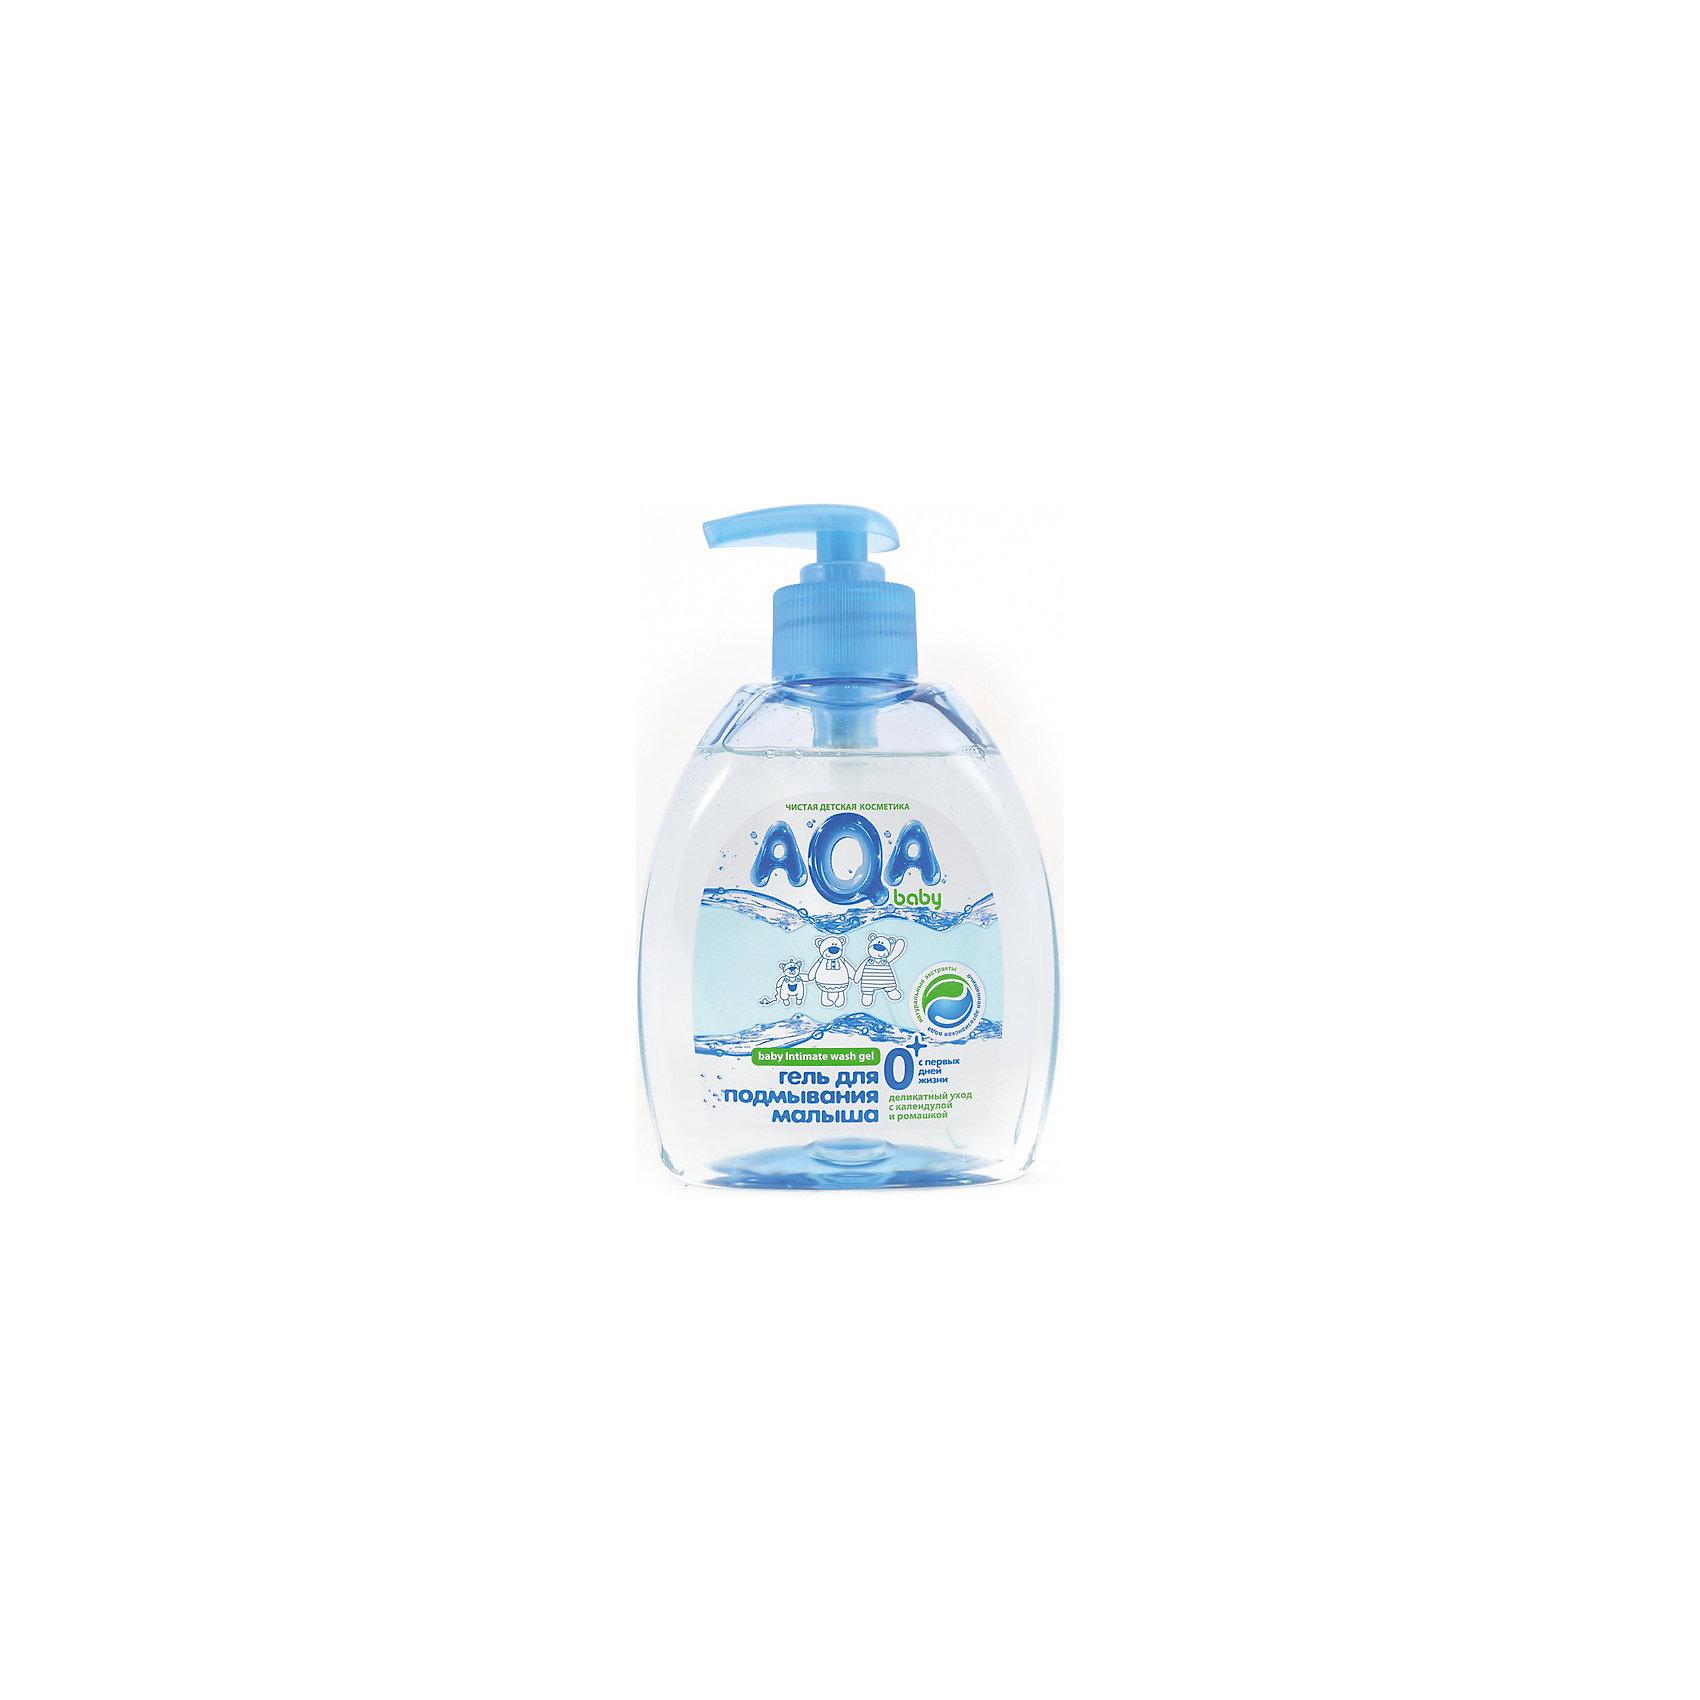 Гель для подмывания малыша, AQA babyКосметика для купания<br>Для ежедневной интимной гигиены малыша и мамы.<br>С молочной кислотой — поддерживает pH интимной зоны<br>С ромашкой и аллантоином<br>Без парабенов<br>На основе воды из артезианского источника<br>Без красителей<br>Гипоаллергенно<br>Деликатно очищает, не вызывает сухости и раздражения слизистой<br>Объем: 300 мл Гель AQA Baby для подмывания малыша с дозатором - это средство для подмывания малыша,  разработанное специально для чувствительной детской кожи младенцев.<br>С помощью мягких моющих компонентов и натуральных экстрактов очищает кожу младенца особенно нежно и бережно, увлажняя её.<br>Флакон с дозатором обеспечивает удобное и комфортное использование во время подмывания малыша.<br>Не вызывает сухости и раздражения слизистой.<br>Экстракты ромашки и календулы оказывают противовоспалительное действие.<br>Не содержит красителей.<br>Объем: 300 мл.<br> <br><br>Состав: вода, лаурет сульфат натрия, кокамидопропил бетаин, децилглюкозид, динатрия лауретсульфосукцинат, коко-глюкозид, глицерилолеат, глицерин, персиковое масло, Д-пантенол, аллантоин, хлорид натрия, динатрия эдетат, экстракт ромашки, экстракт календулы, экстракт лаванды, отдушка, лимонная кислота, бензиловый спирт, изотиазолинон.<br><br>Ширина мм: 145<br>Глубина мм: 500<br>Высота мм: 94<br>Вес г: 200<br>Возраст от месяцев: 0<br>Возраст до месяцев: 36<br>Пол: Унисекс<br>Возраст: Детский<br>SKU: 4729811